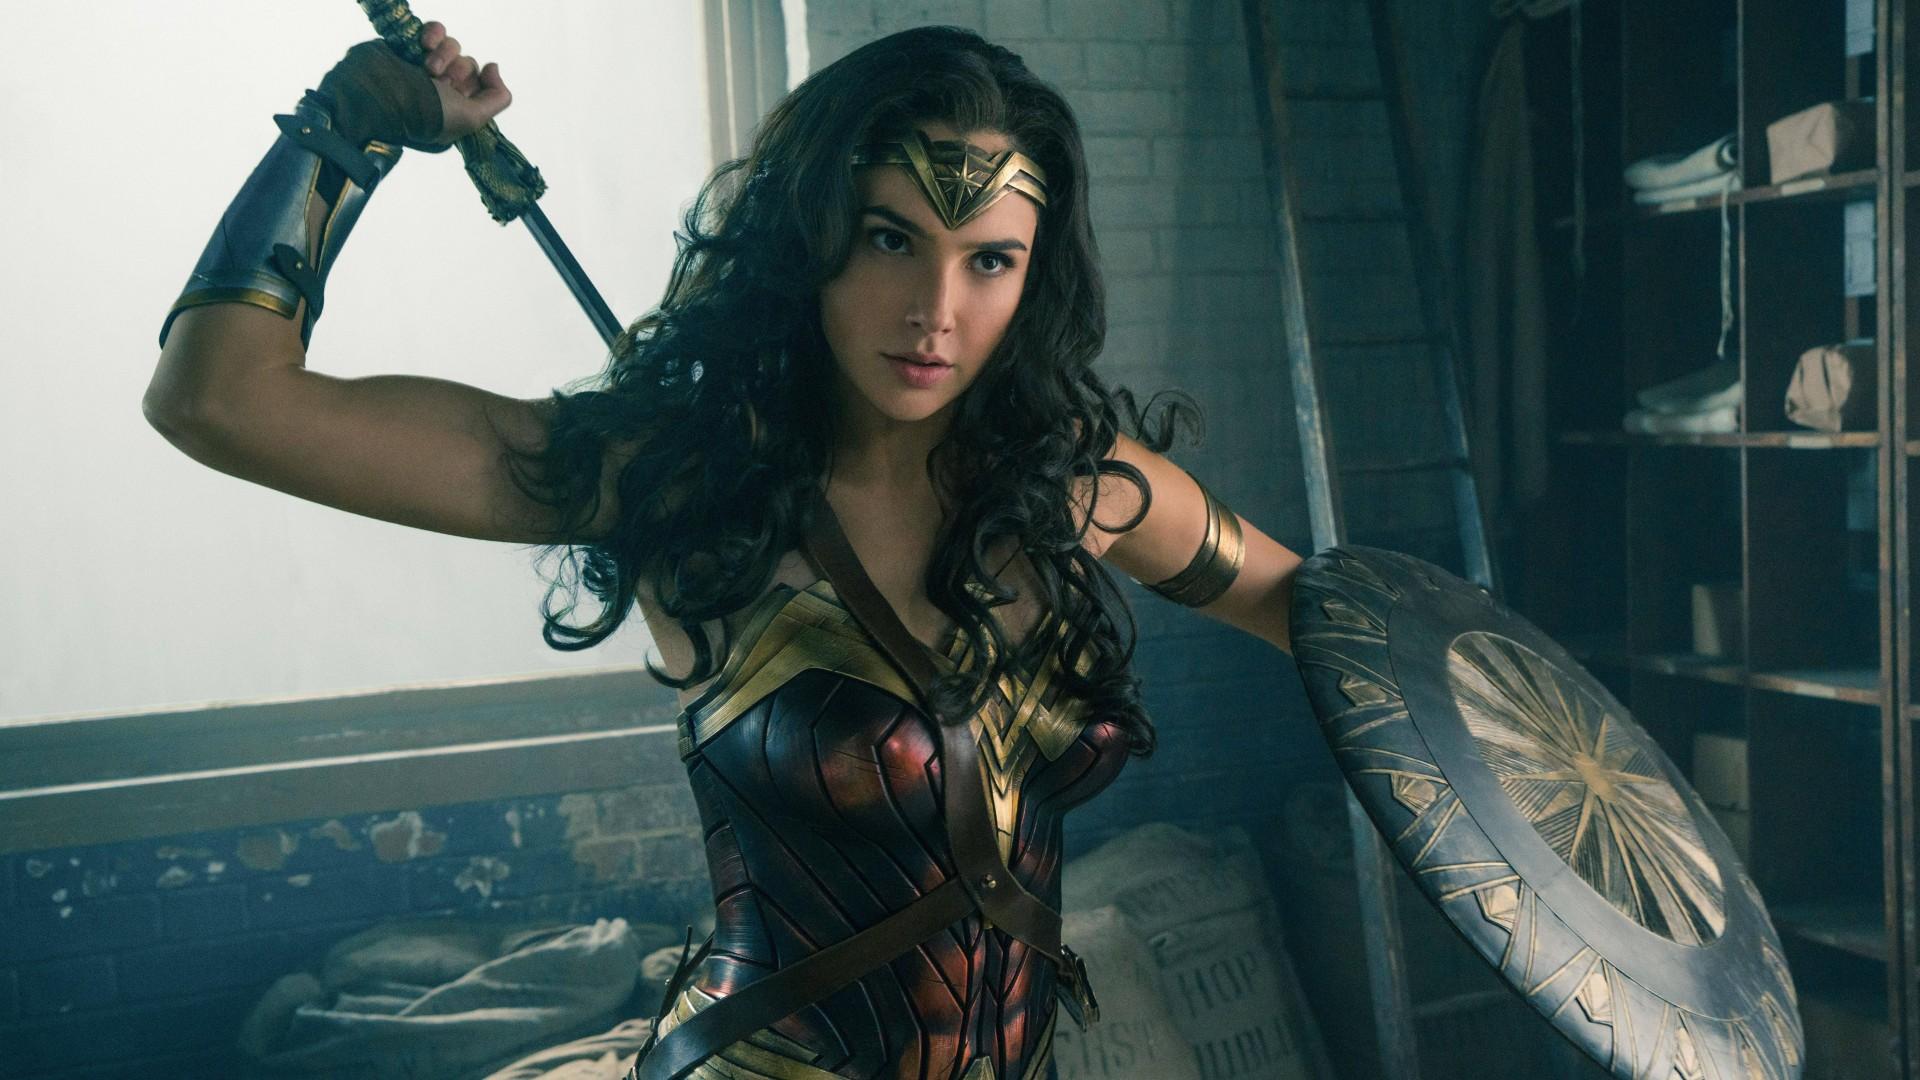 Gal Gadot Wonder Woman New 4k Hd Movies 4k Wallpapers: Wallpaper Wonder Woman, 4k, 5k, Gal Gadot, Movies #11684